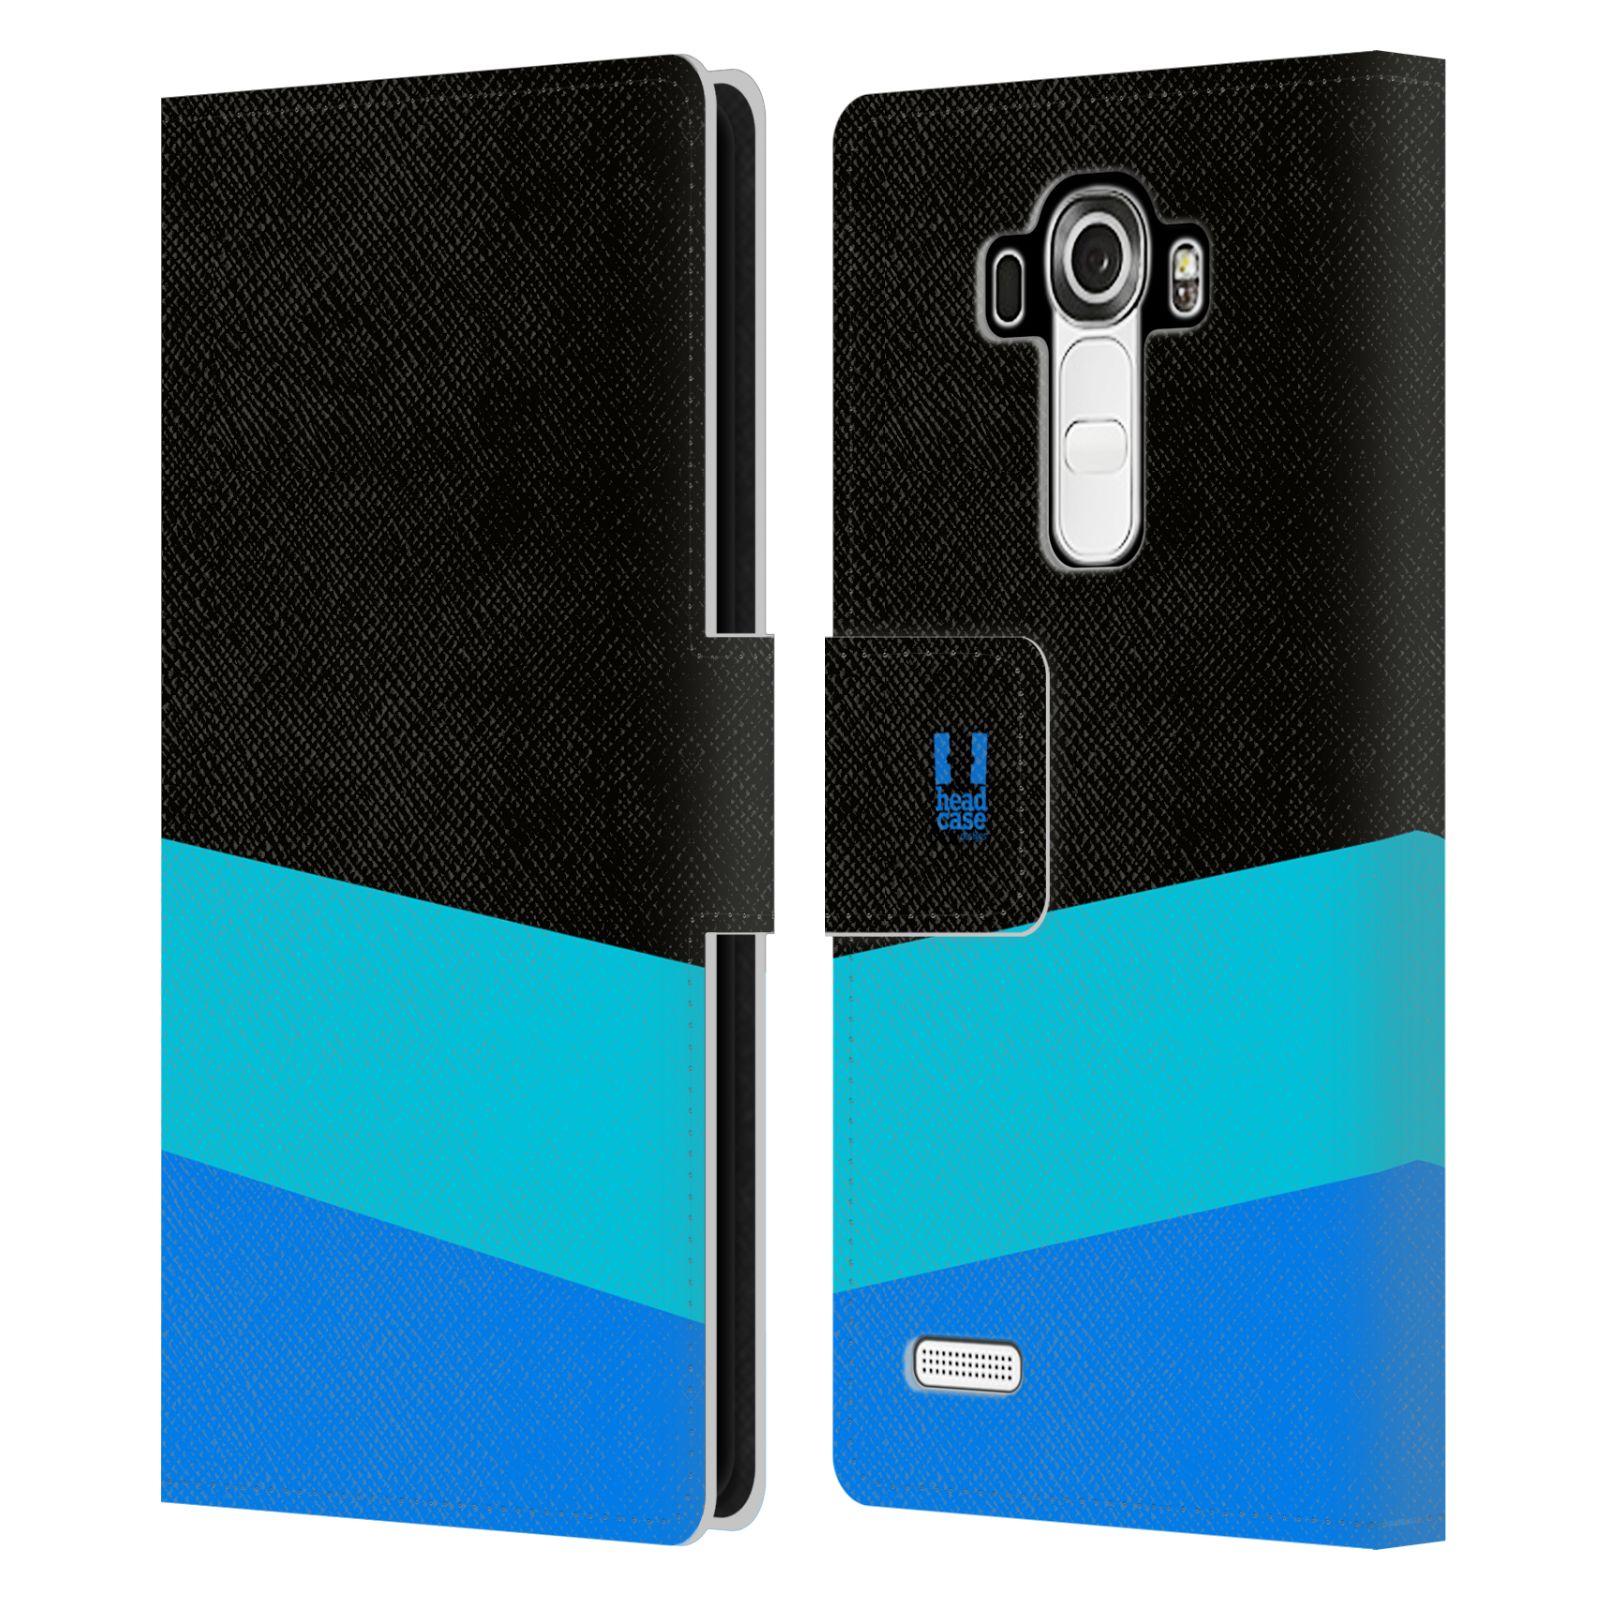 HEAD CASE Flipové pouzdro pro mobil LG G4 barevné tvary modrá a černá FORMAL